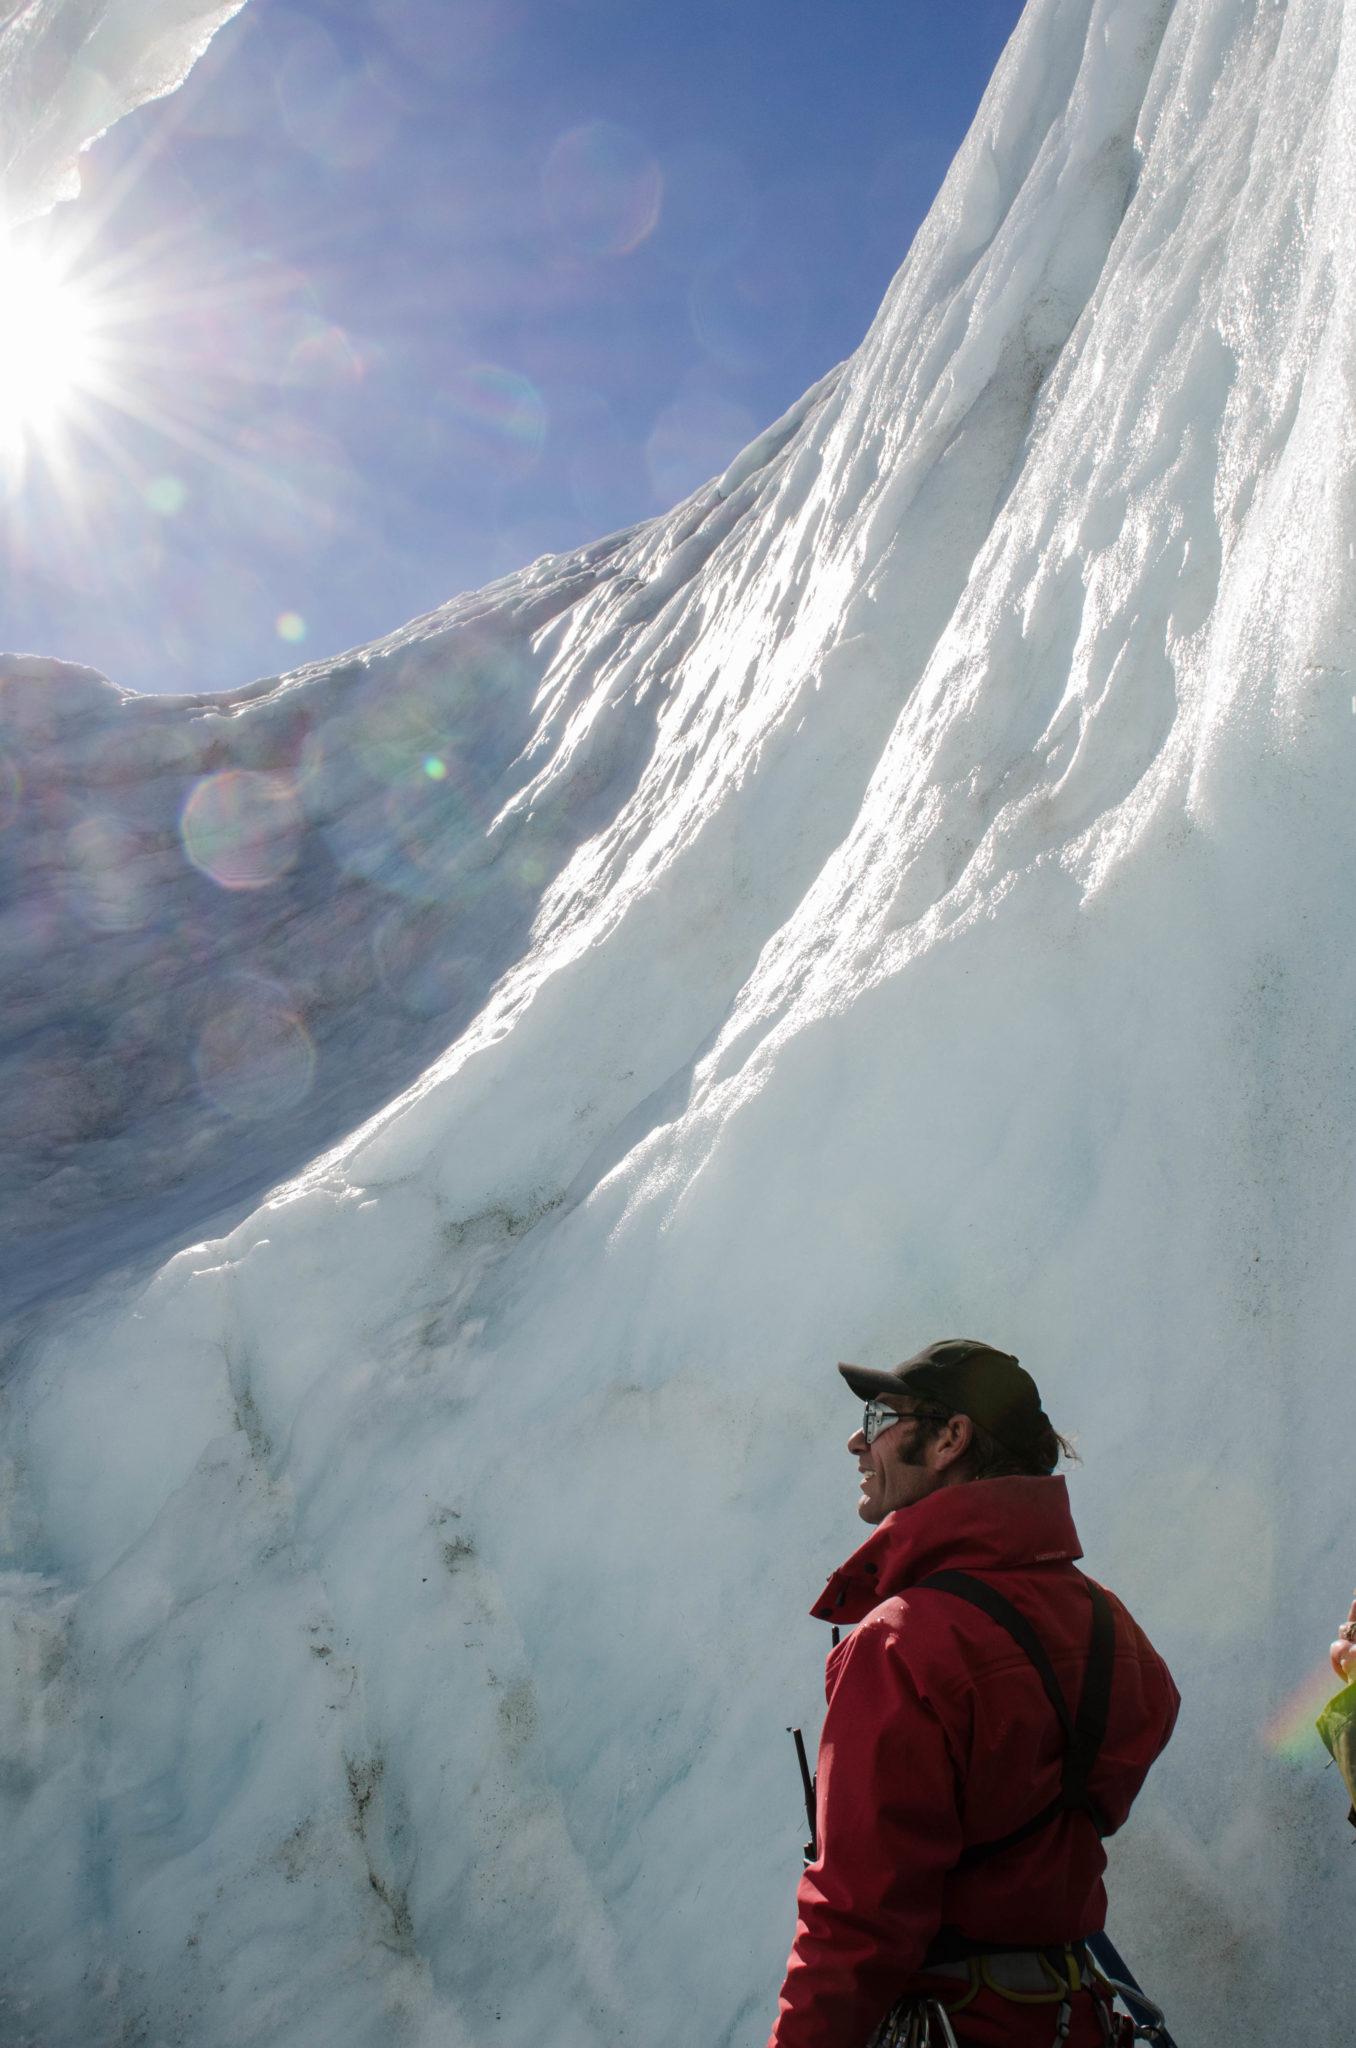 Mount Cook Neuseeland Gletscherwanderung: Gletscherführer Ant weiß genau, wo es langgeht